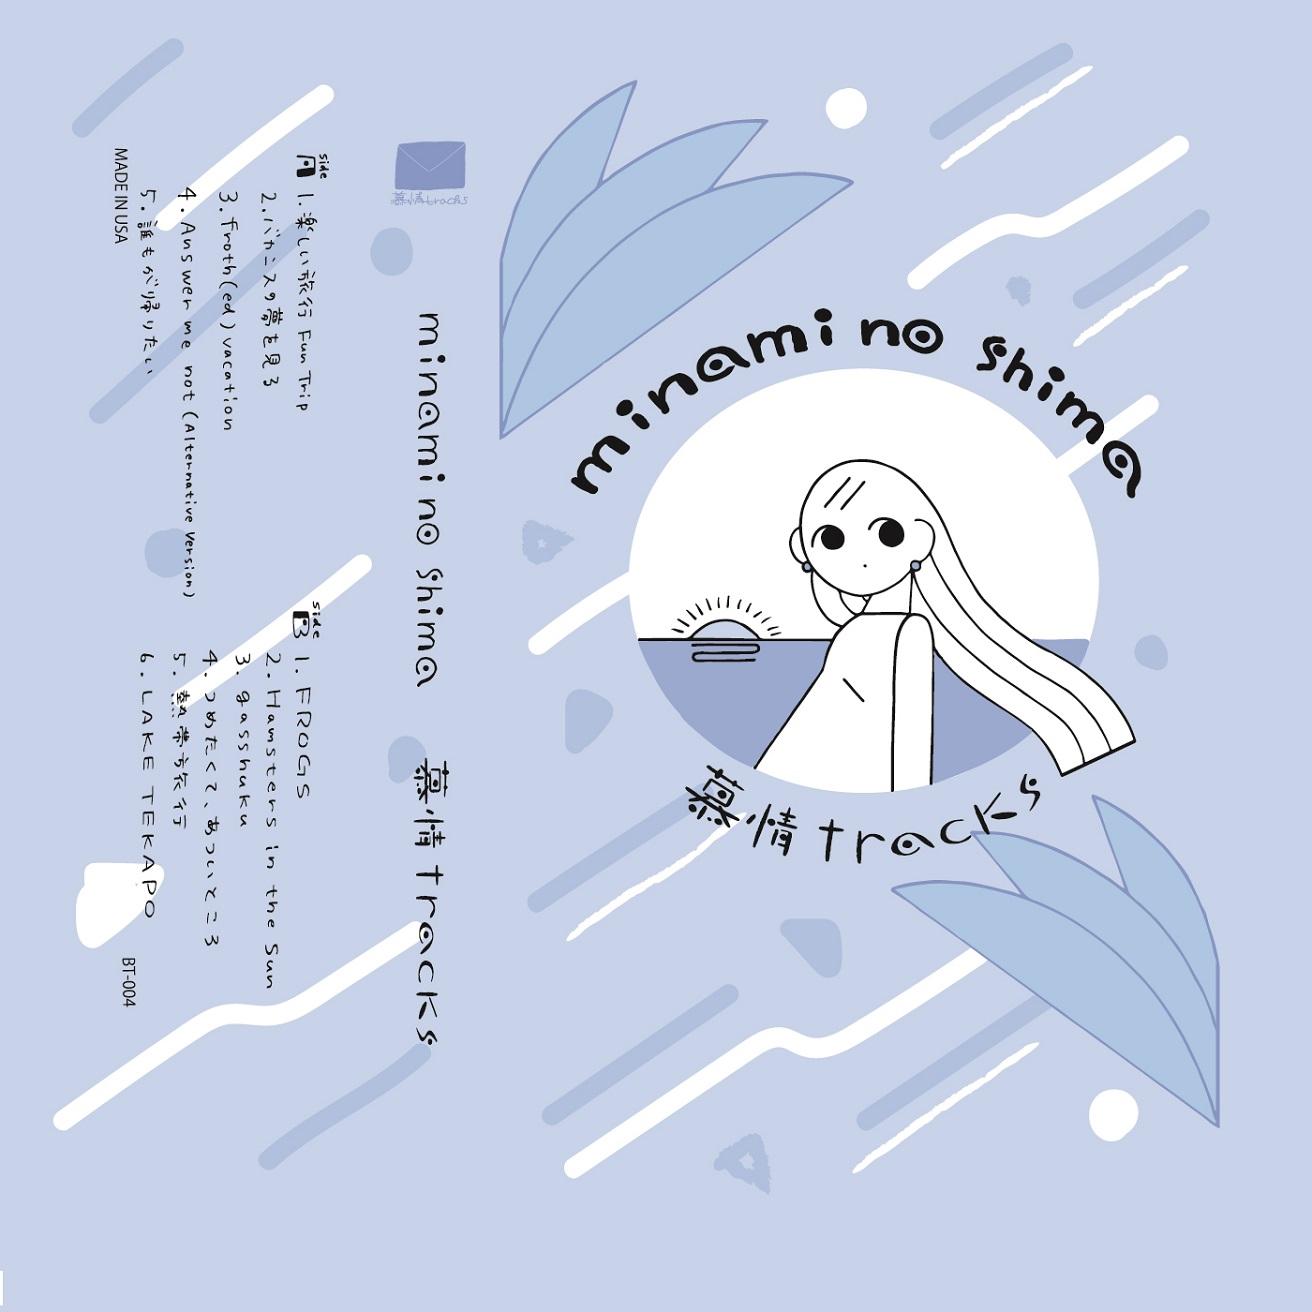 慕情tracksの夏がくる。宅録コンピ『minami no shima』に幽体コミュニケーションズ、ゆ〜すほすてる、Lo-Fi Clubらが参加